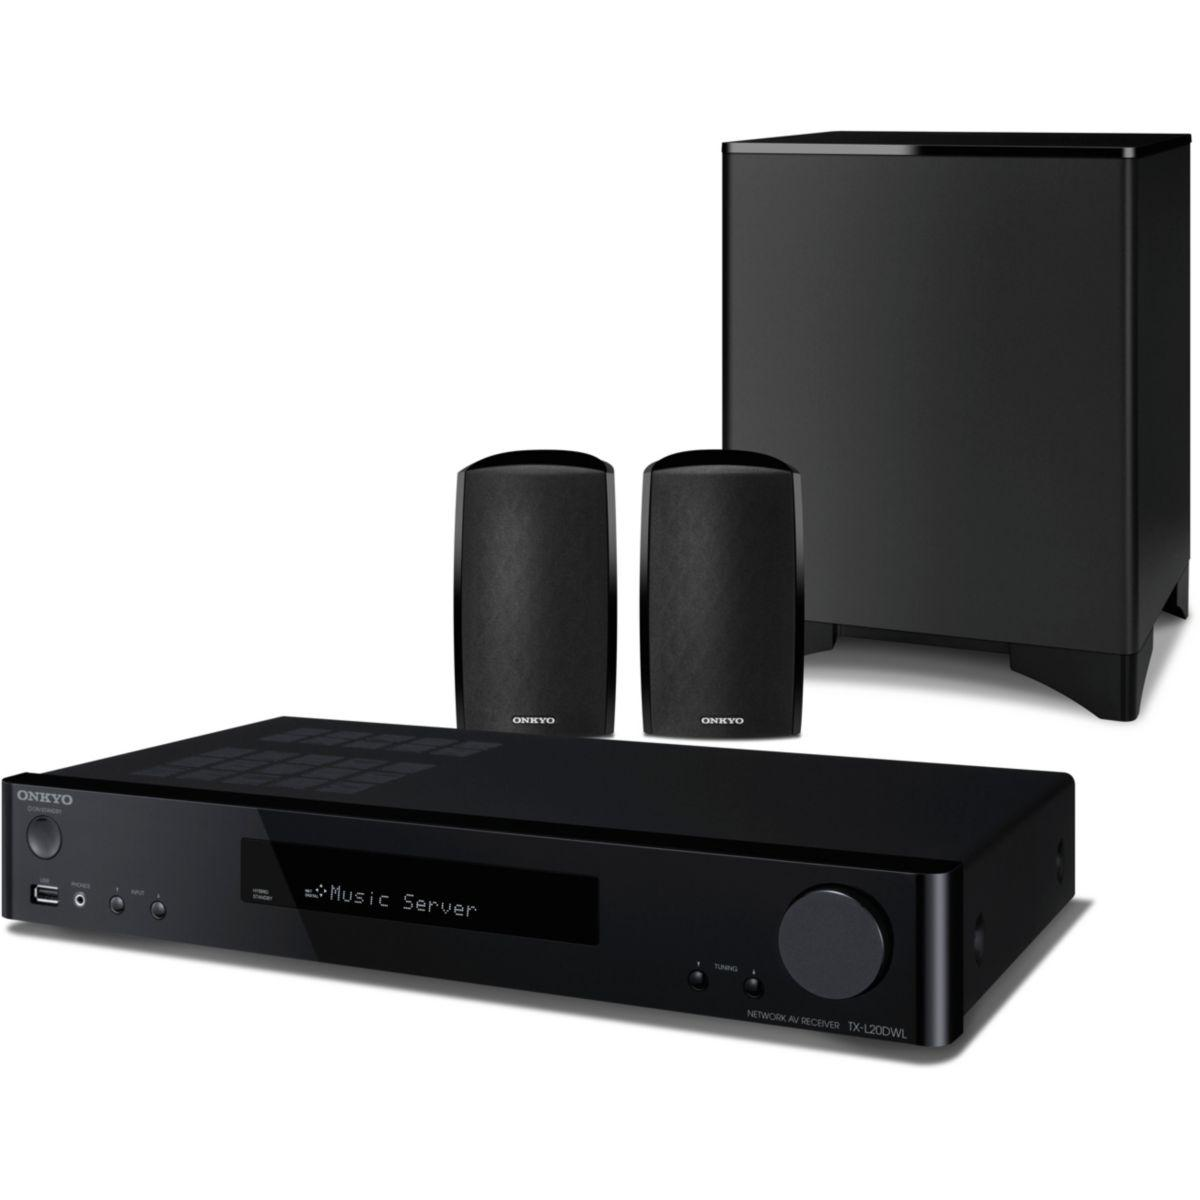 Enceintes tv onkyo ls5200 noir - notre coup de coeur